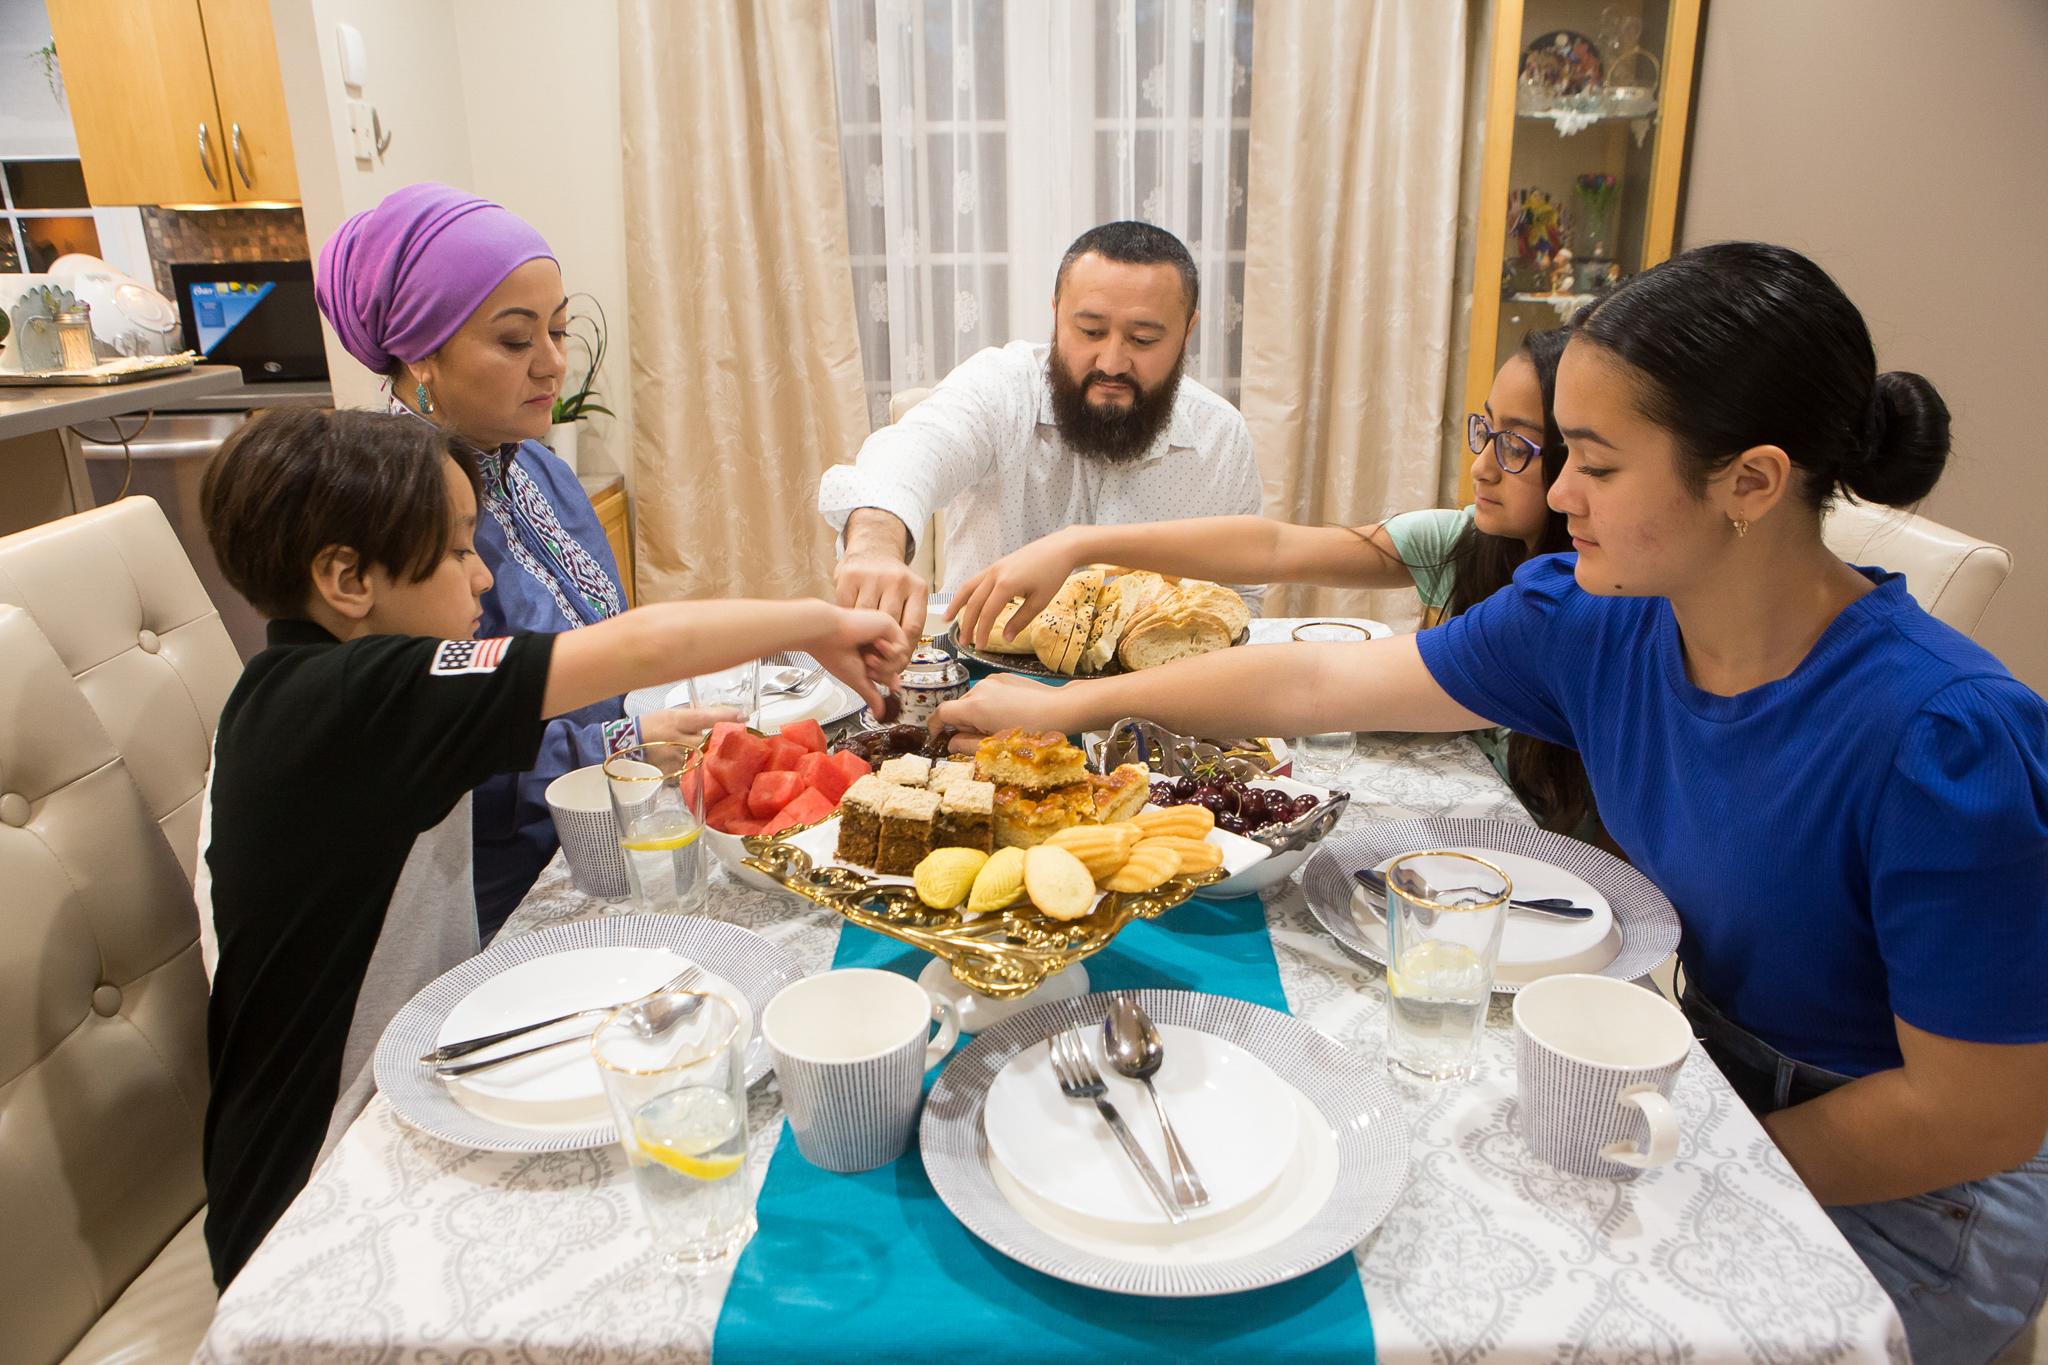 Une famille à table (Département d'État/D.A. Peterson)